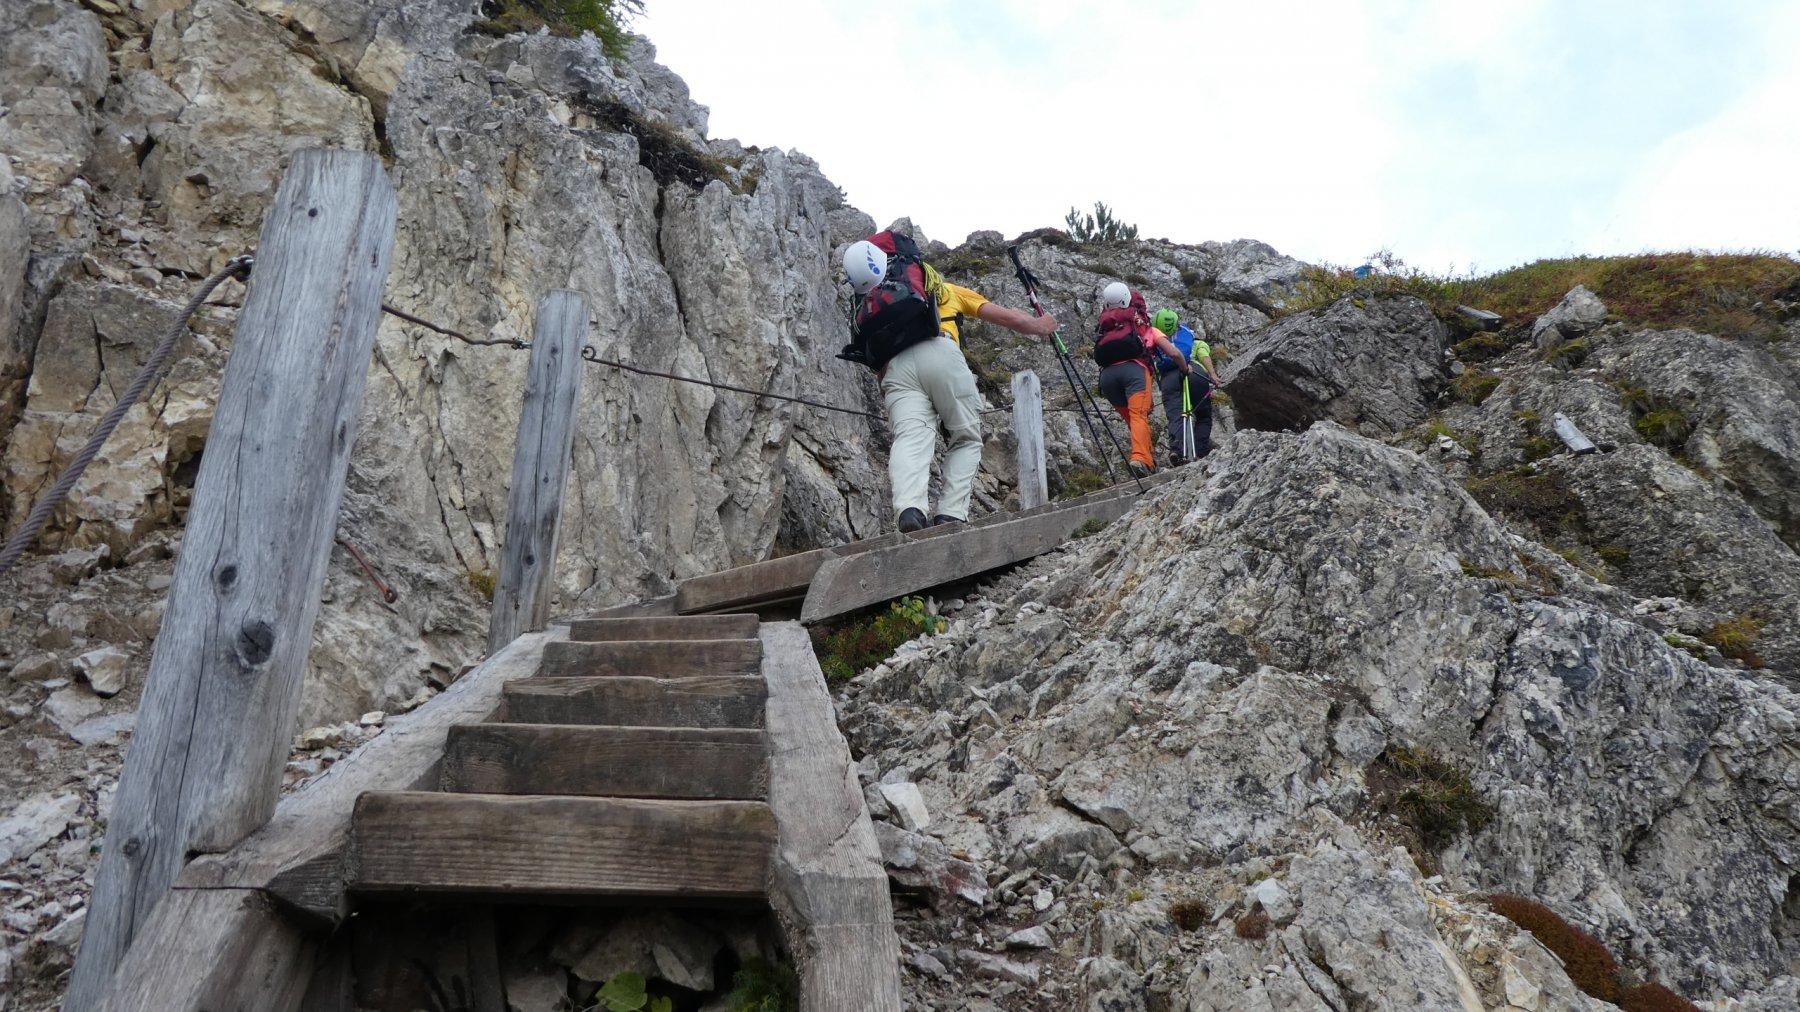 scalette in legno lungo il sentiero di avvicinamento alla ferrata